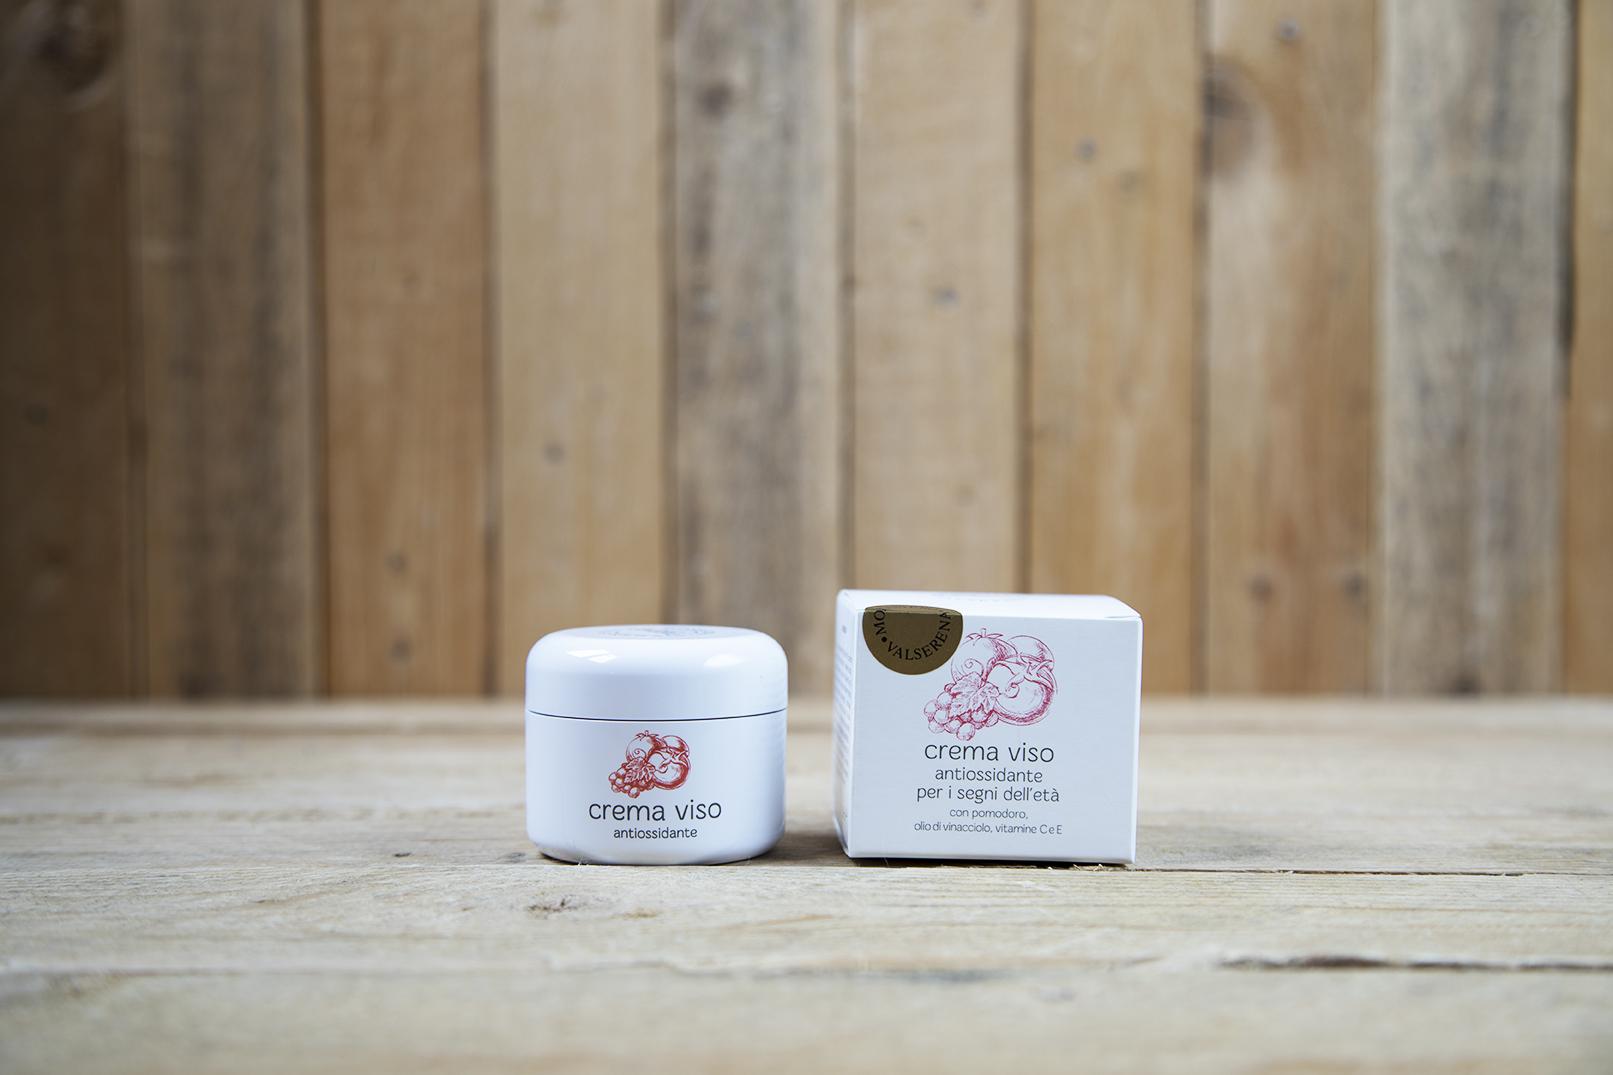 Crema per il viso antiossidante